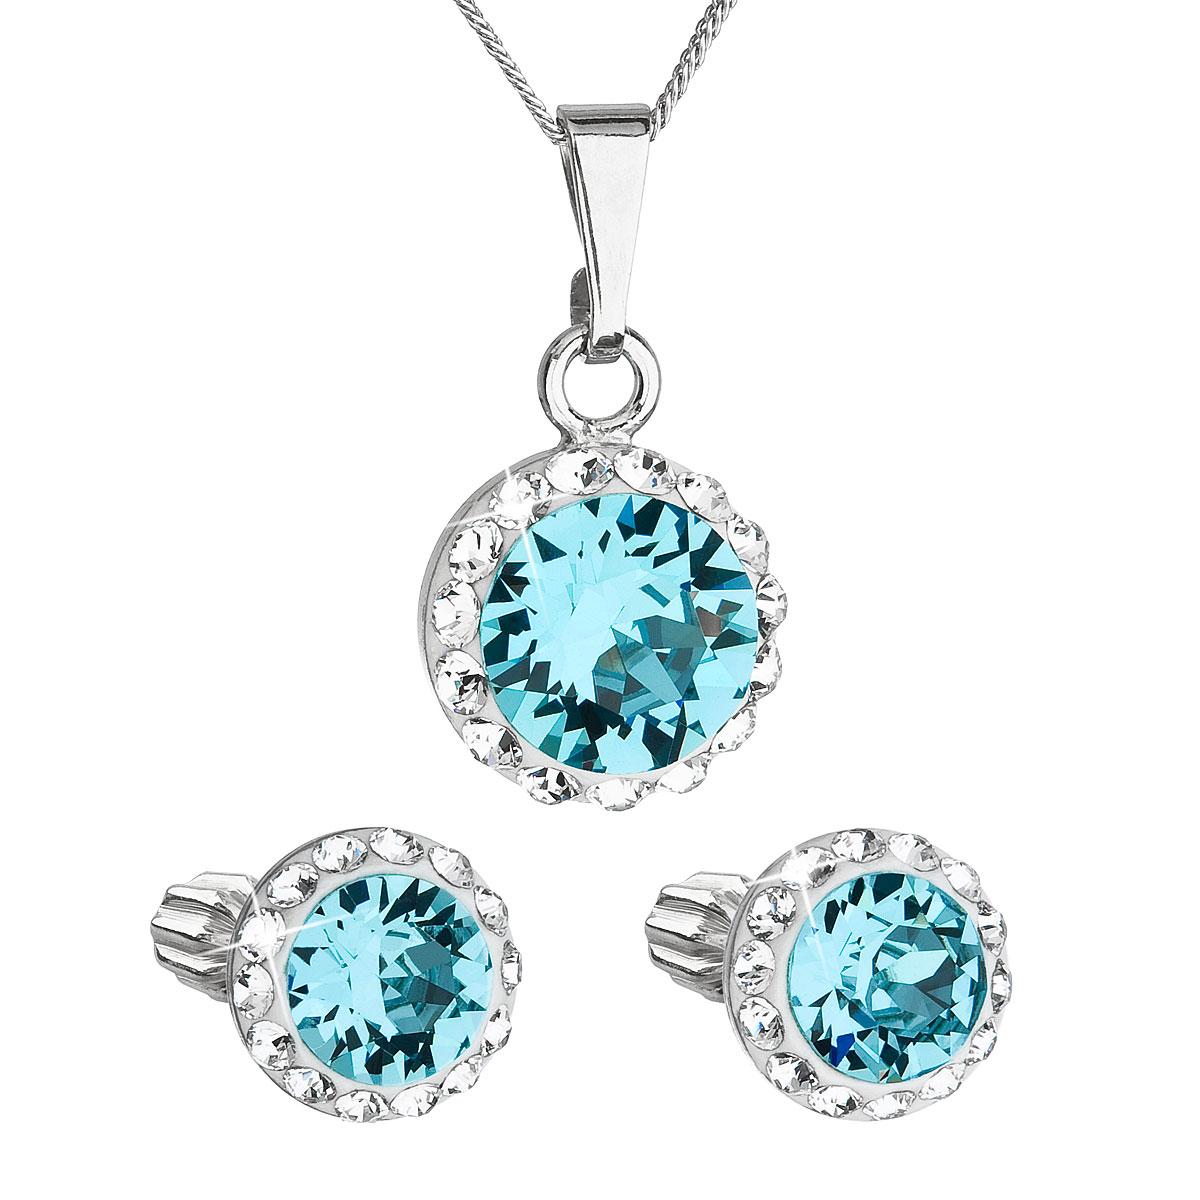 Sada šperků s krystaly Swarovski náušnice, řetízek a přívěsek modré kulaté 39352.3